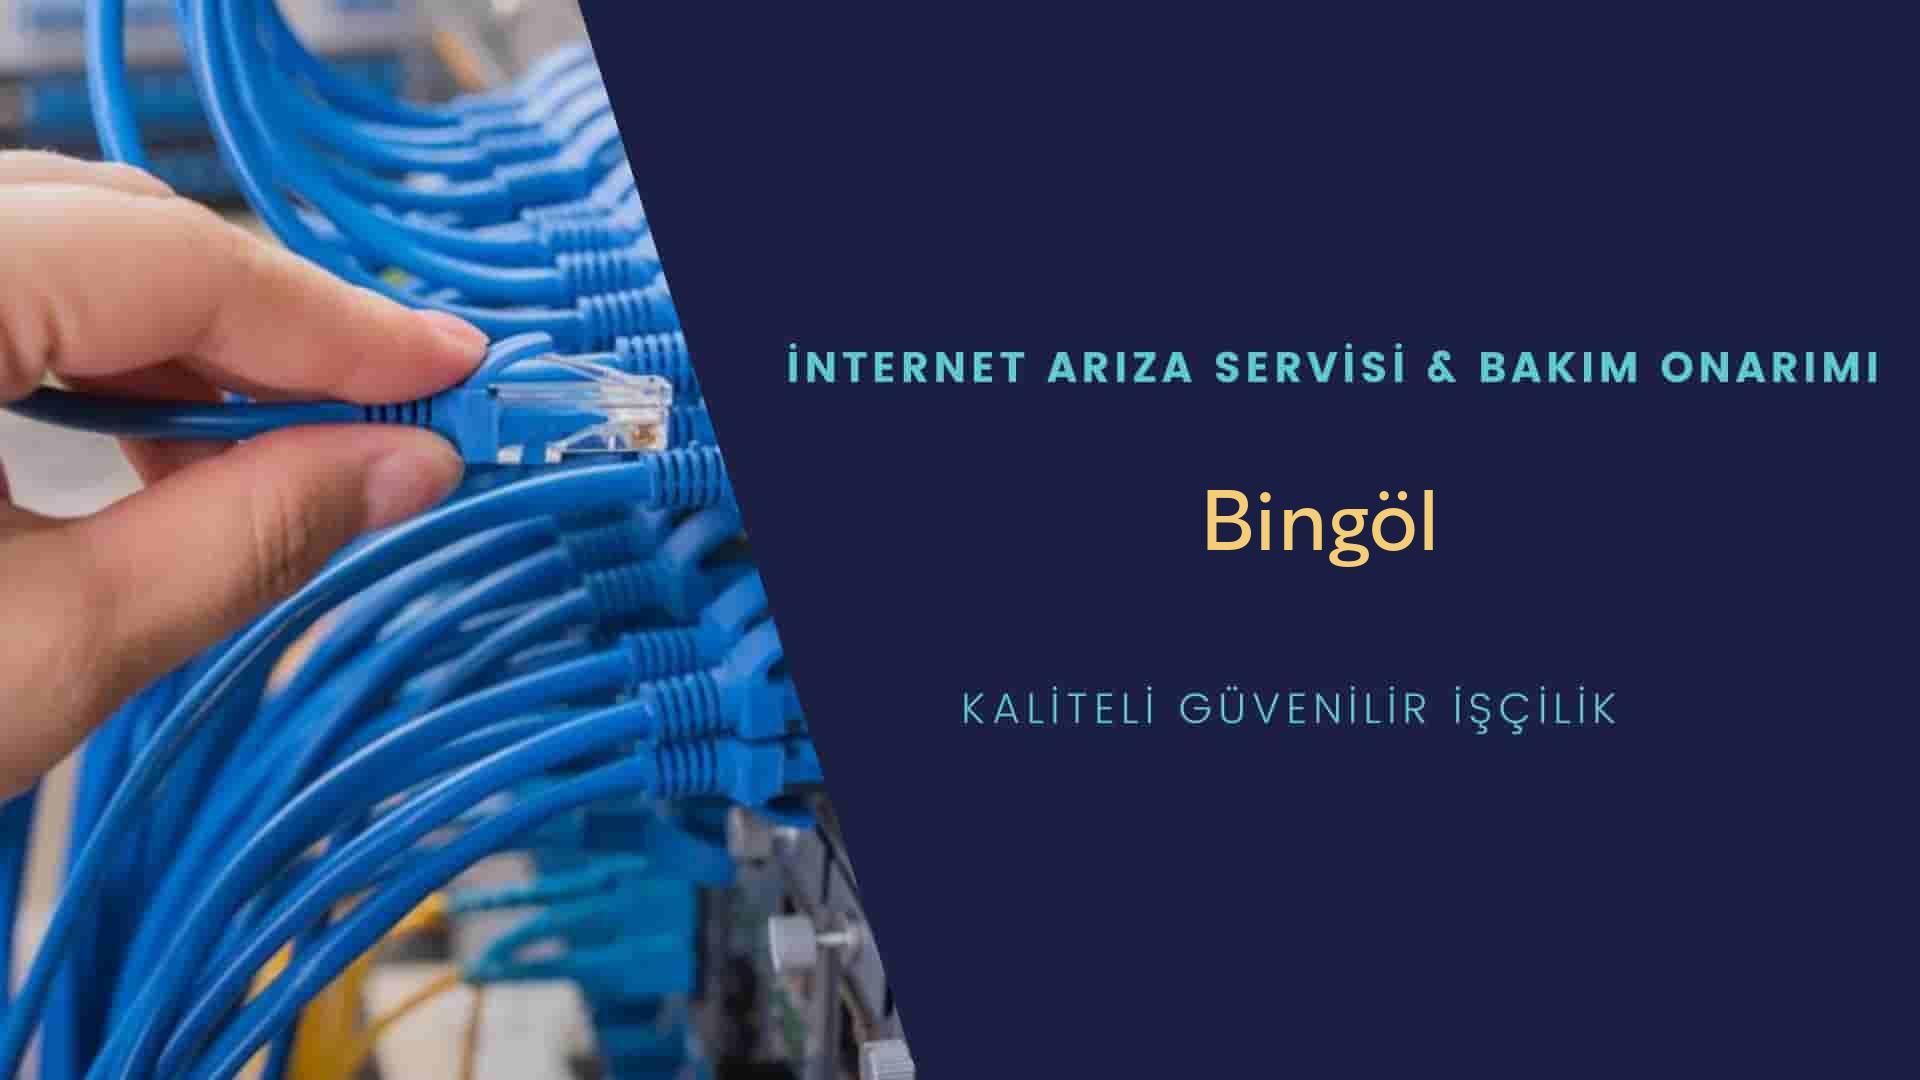 Bingöl internet kablosu çekimi yapan yerler veya elektrikçiler mi? arıyorsunuz doğru yerdesiniz o zaman sizlere 7/24 yardımcı olacak profesyonel ustalarımız bir telefon kadar yakındır size.